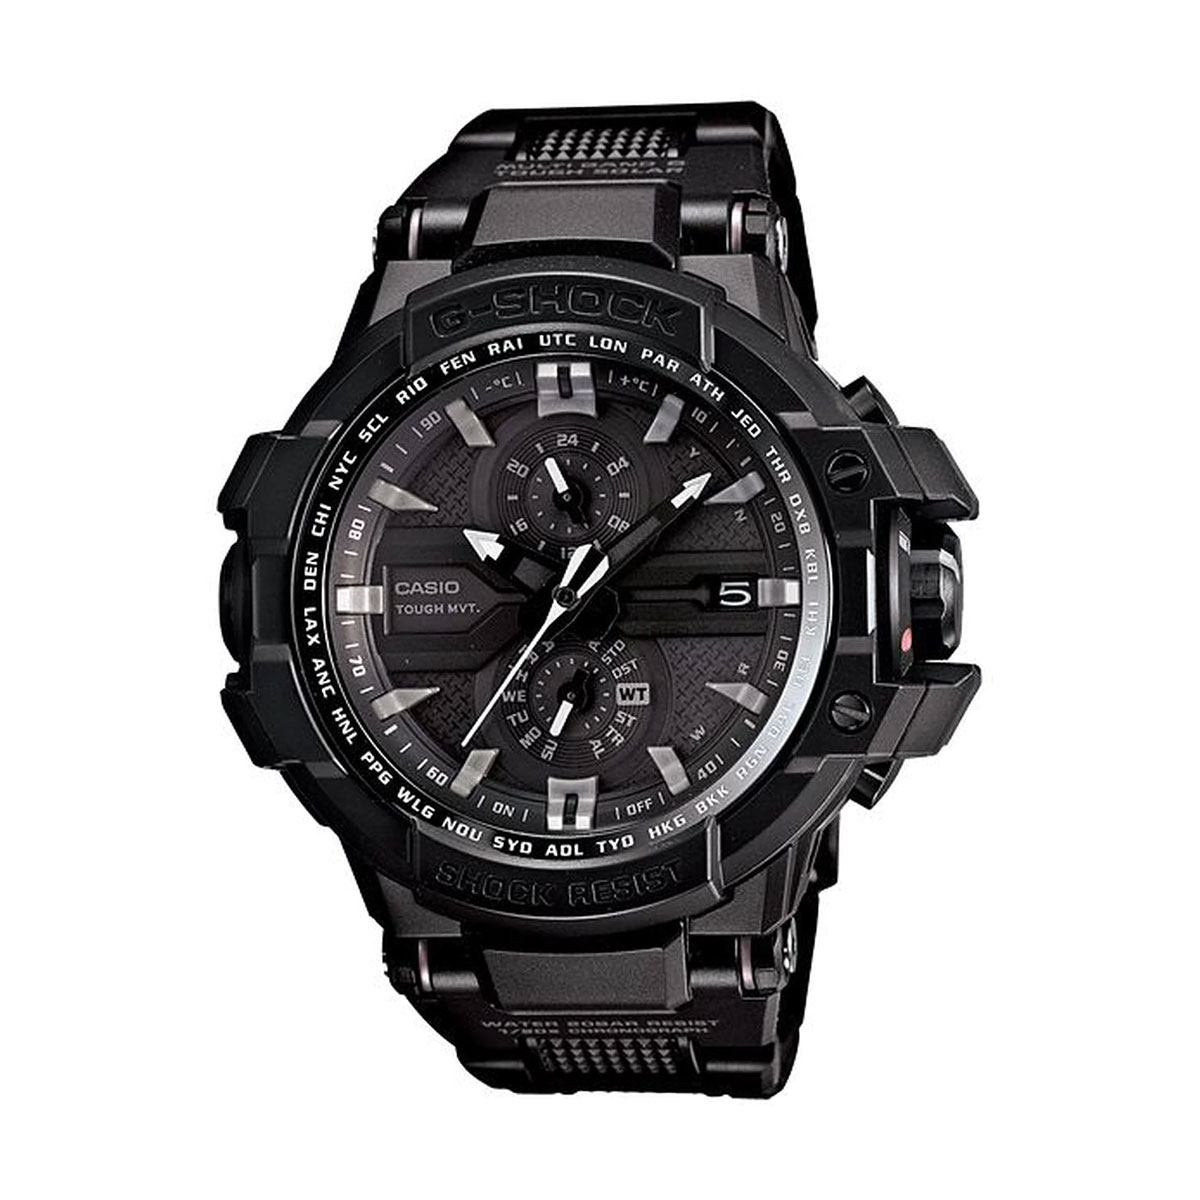 Часовник Casio G-Shock Gravitymaster GW-A1000FC-1AER